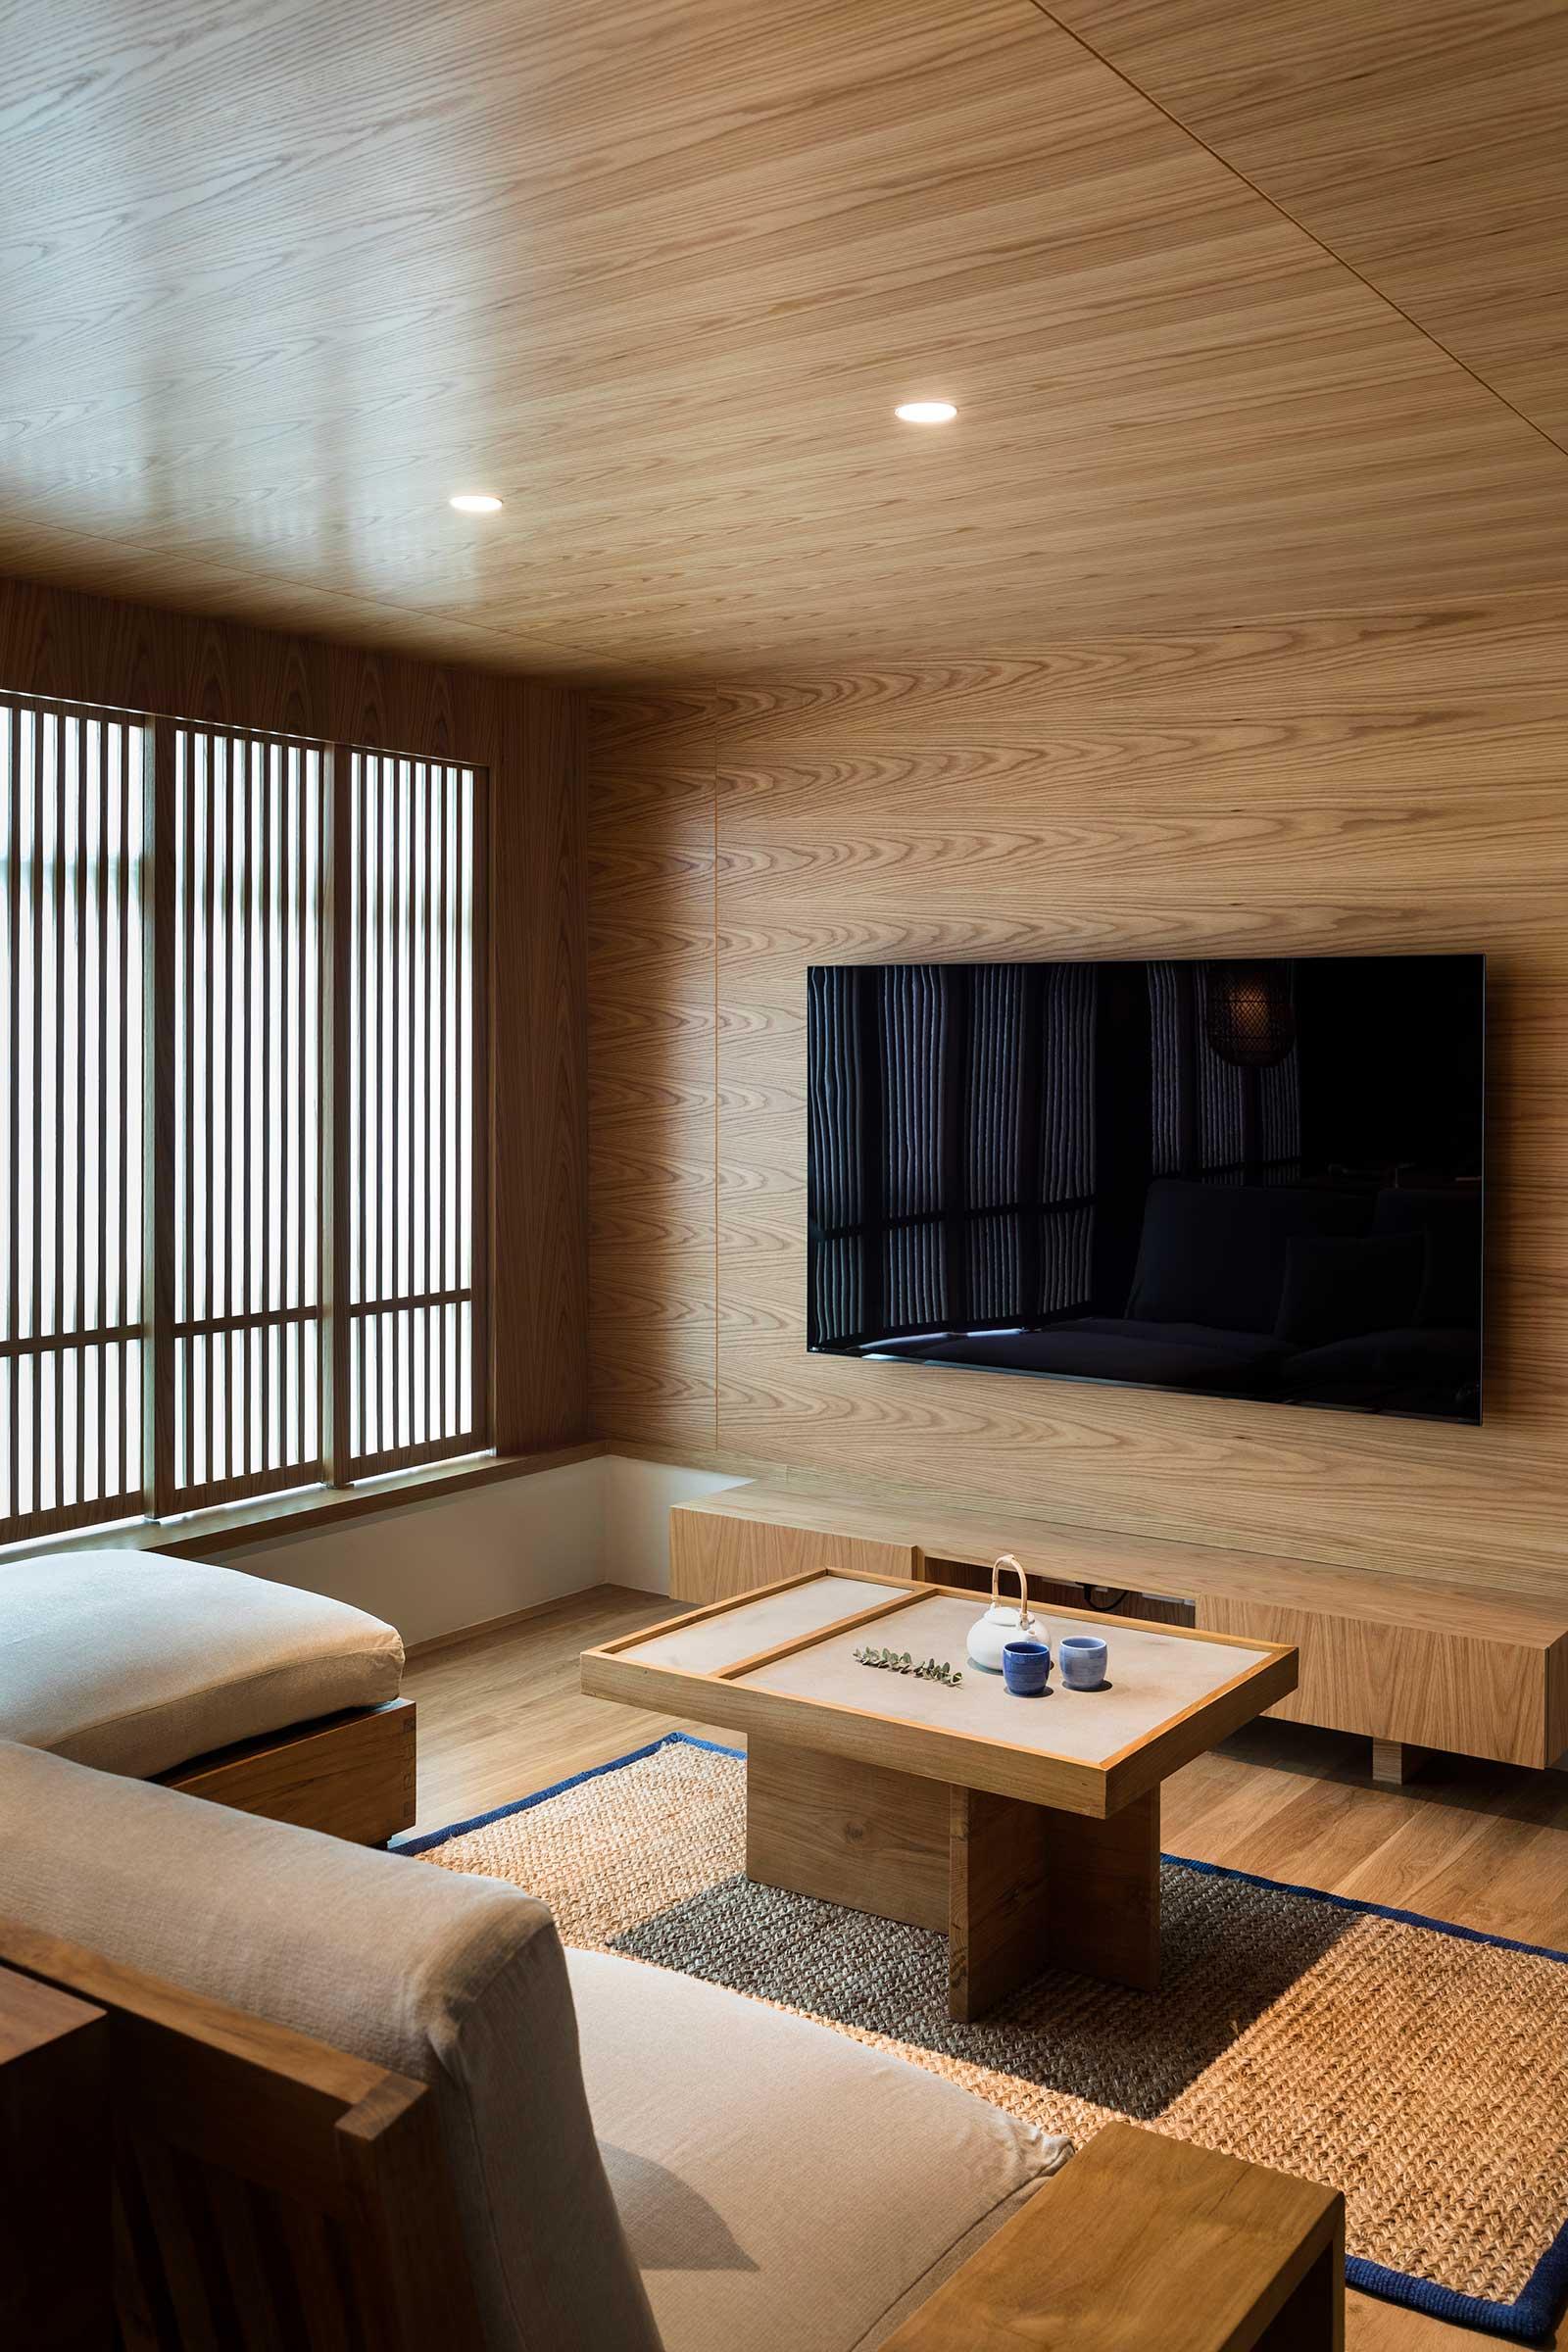 Bukit-Batok-West-Ave-6_Goy-Architects_38.jpg